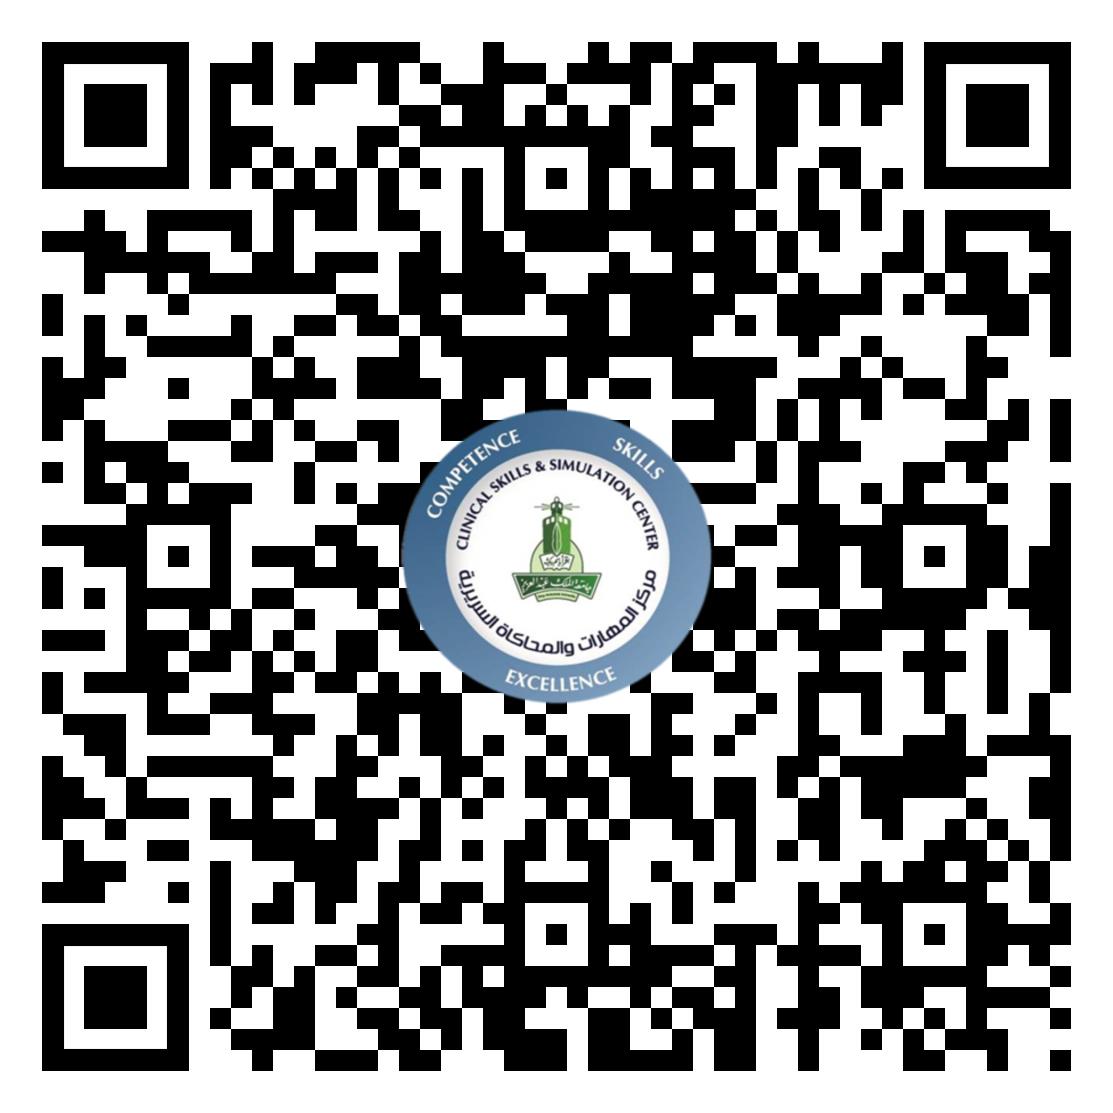 CSSC Utilization Form QR